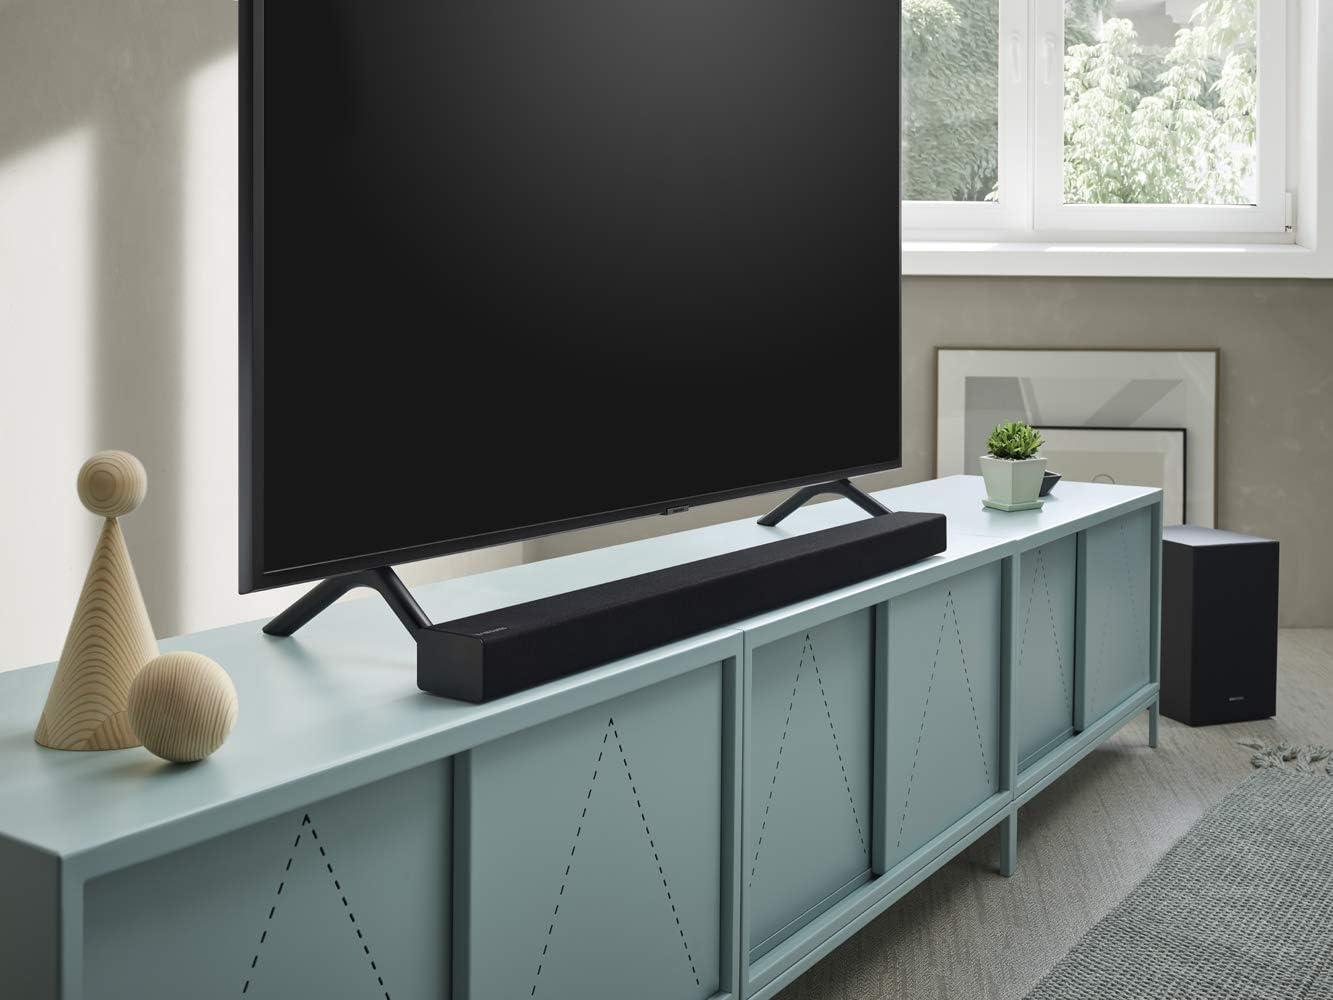 SAMSUNG 65 Pulgadas TV ru7100 HDR Inteligente 4k: Amazon.es: Electrónica